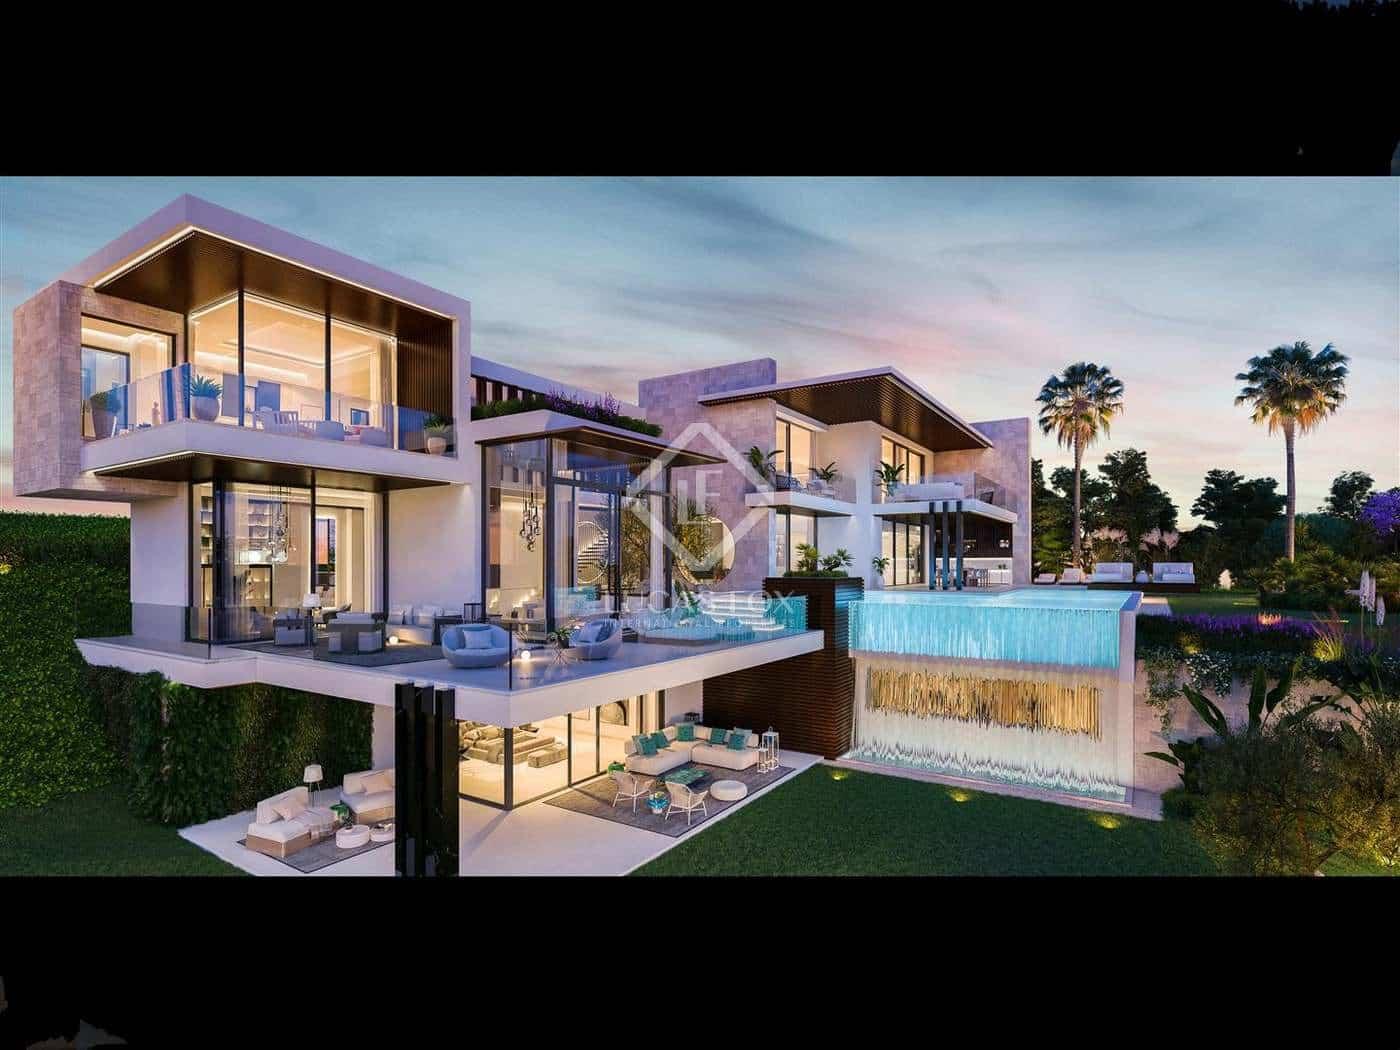 Solar/Parcela en Marbella en venta - 1.050.000 € (Ref: 5896173)